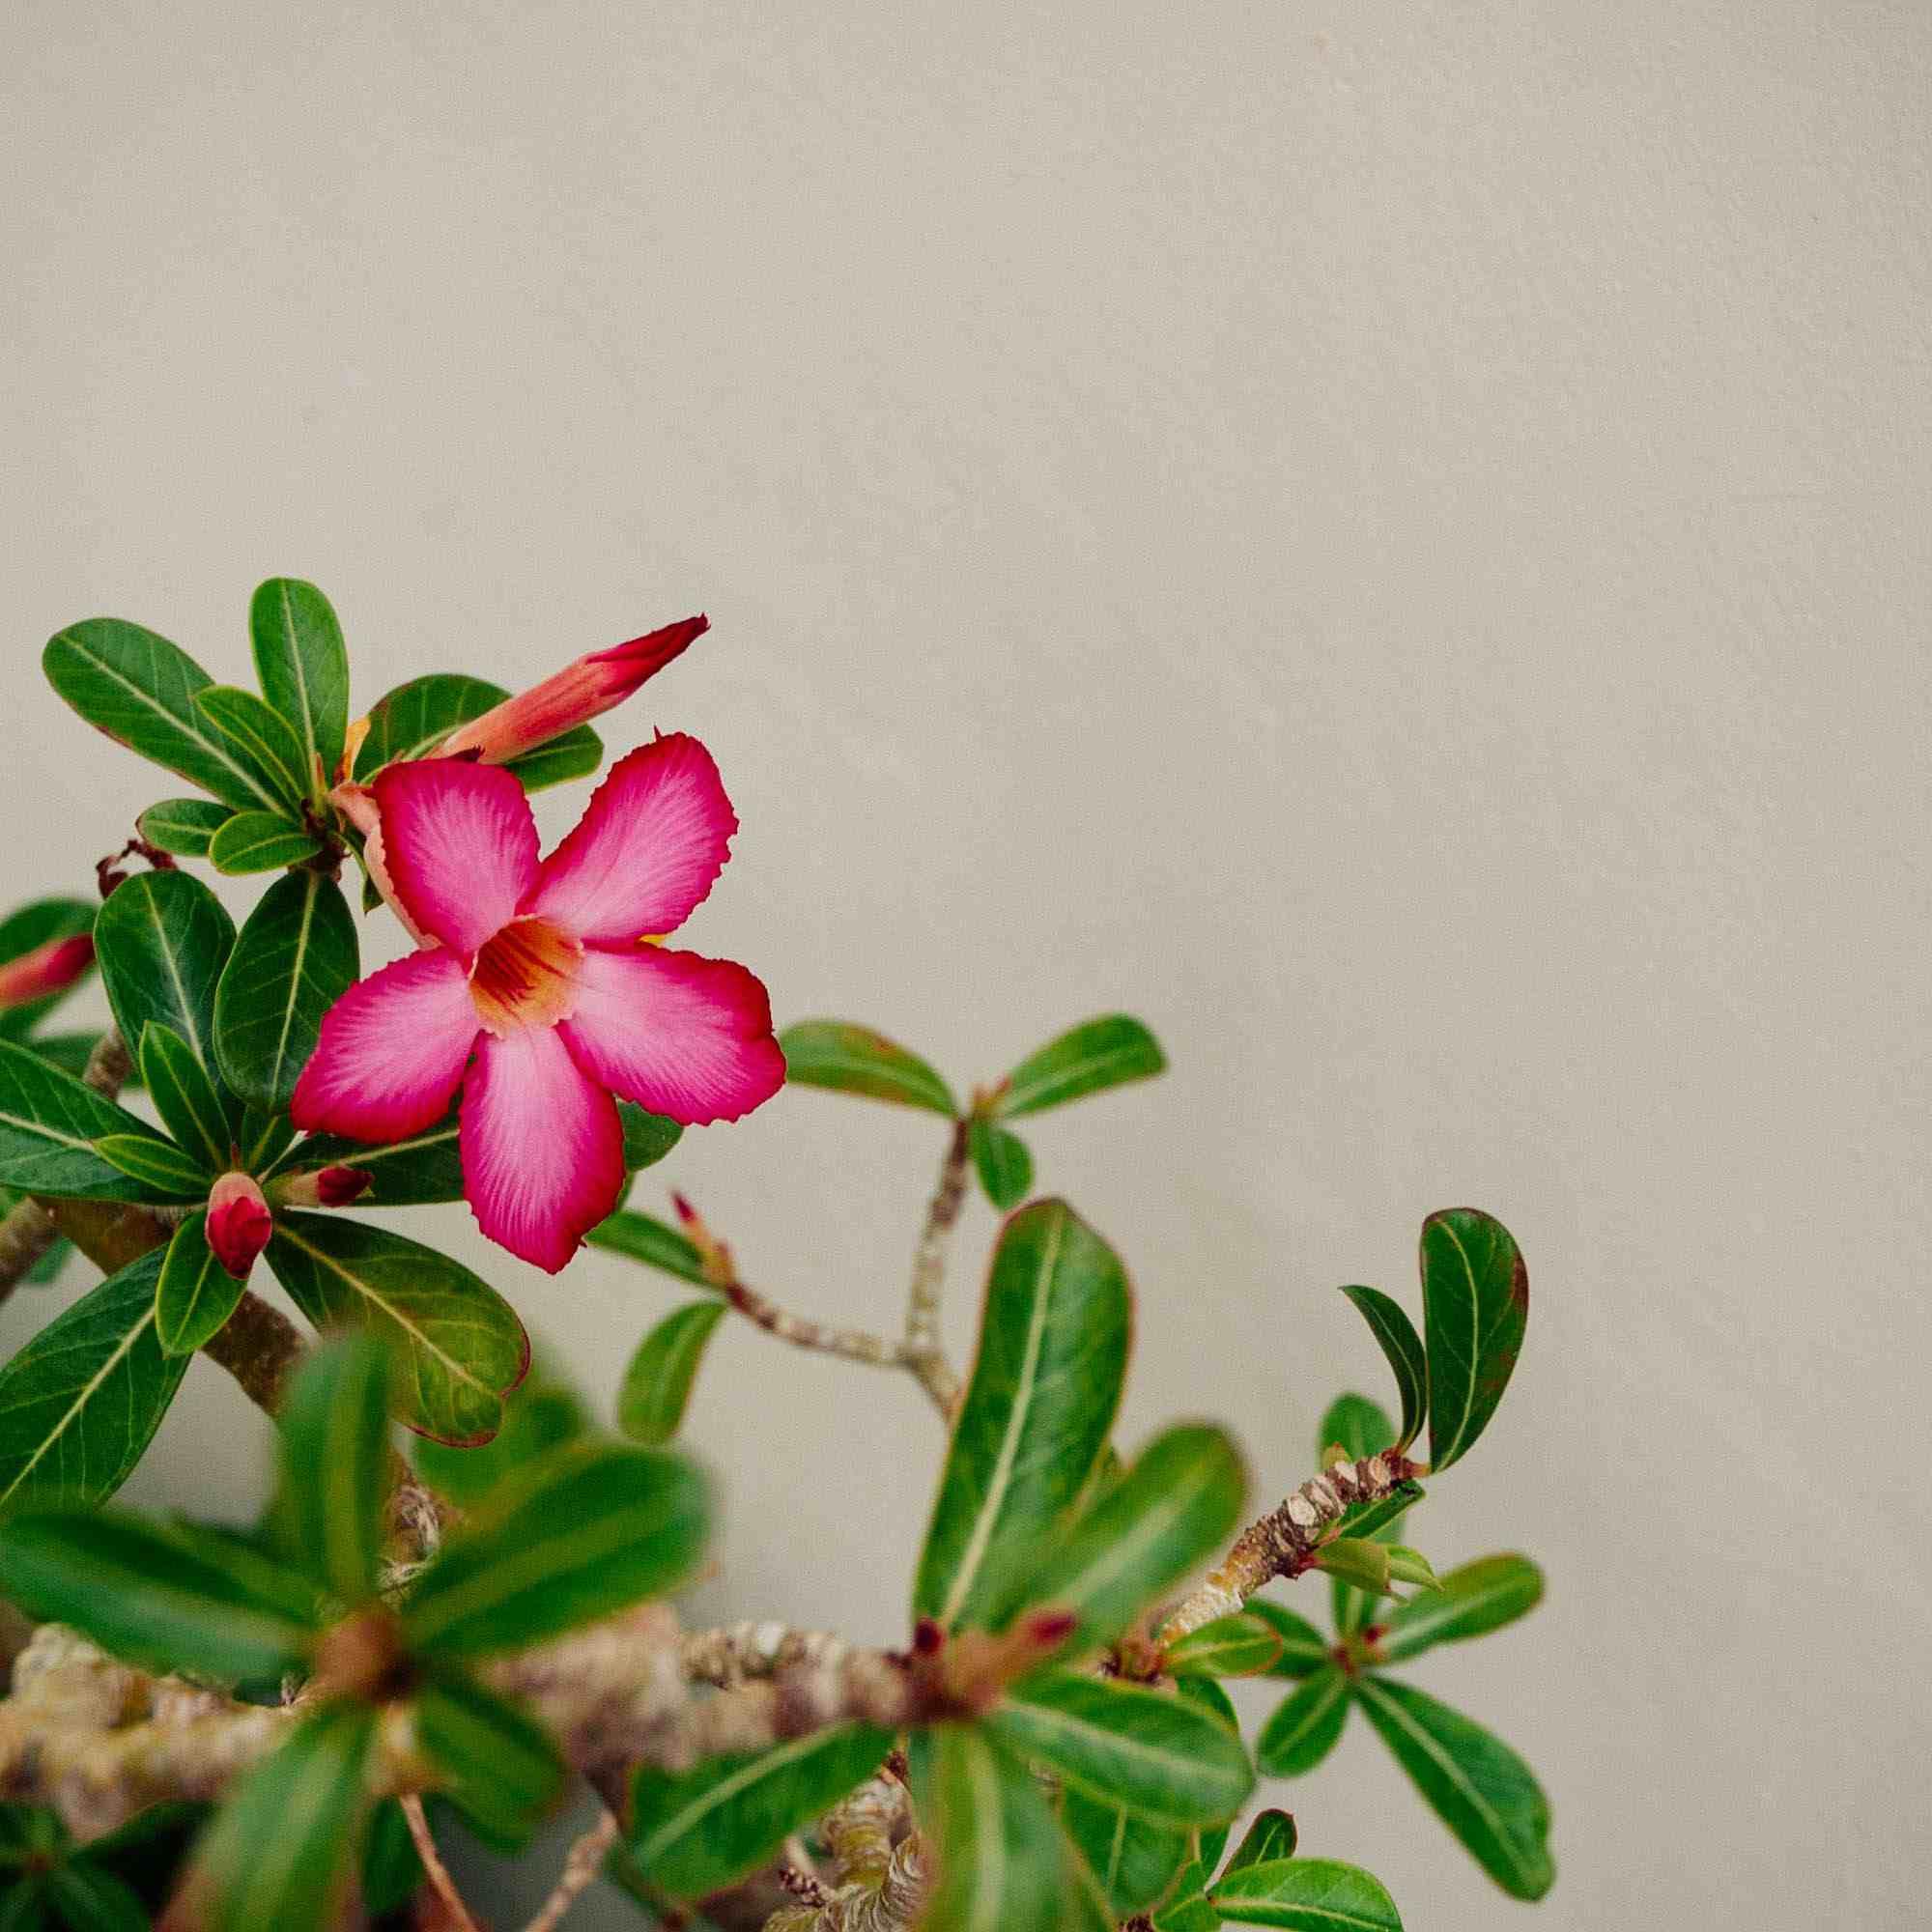 Rosa del desierto (Adenium obesum)